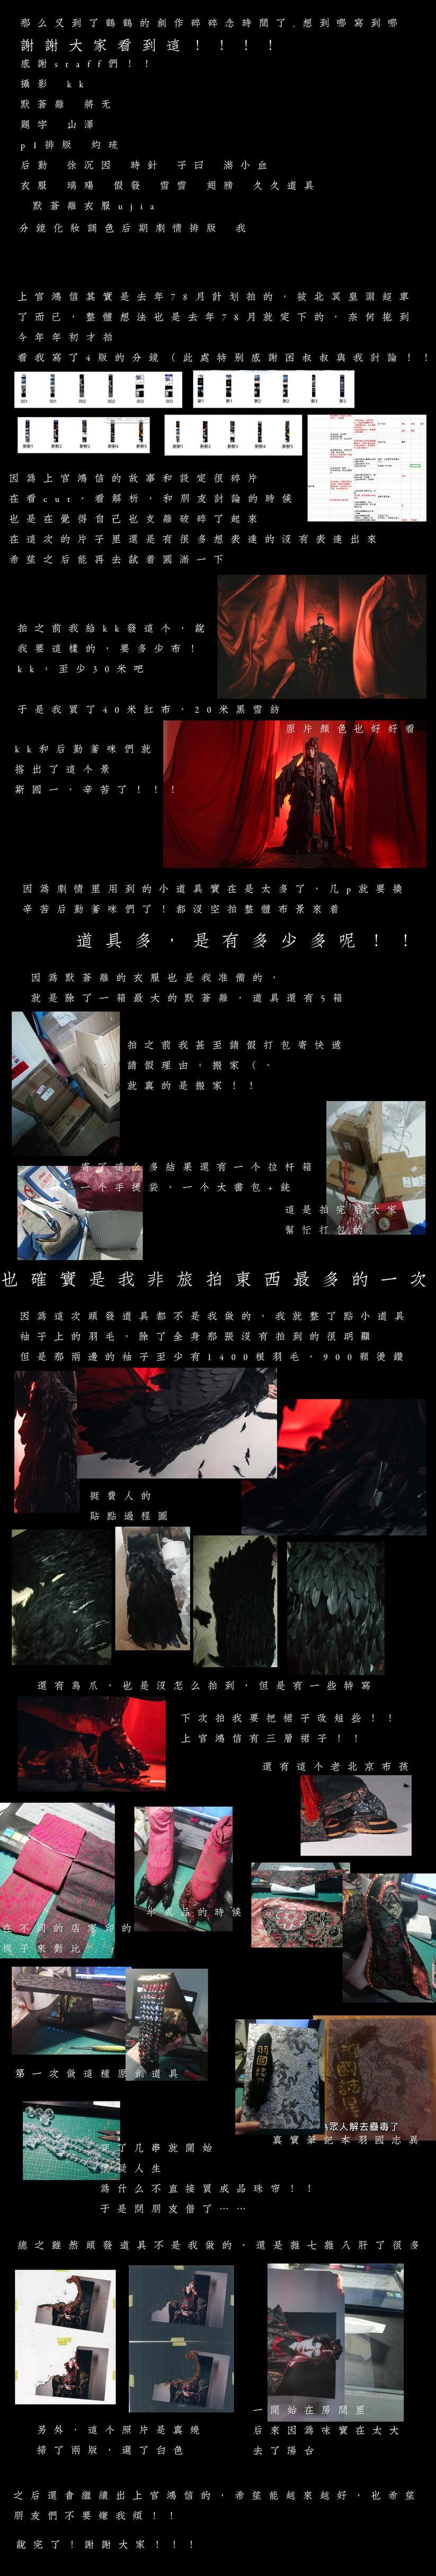 《金光布袋戏》精选cosplay【CN:城欢】 -cosplay发行动图图片下载插图